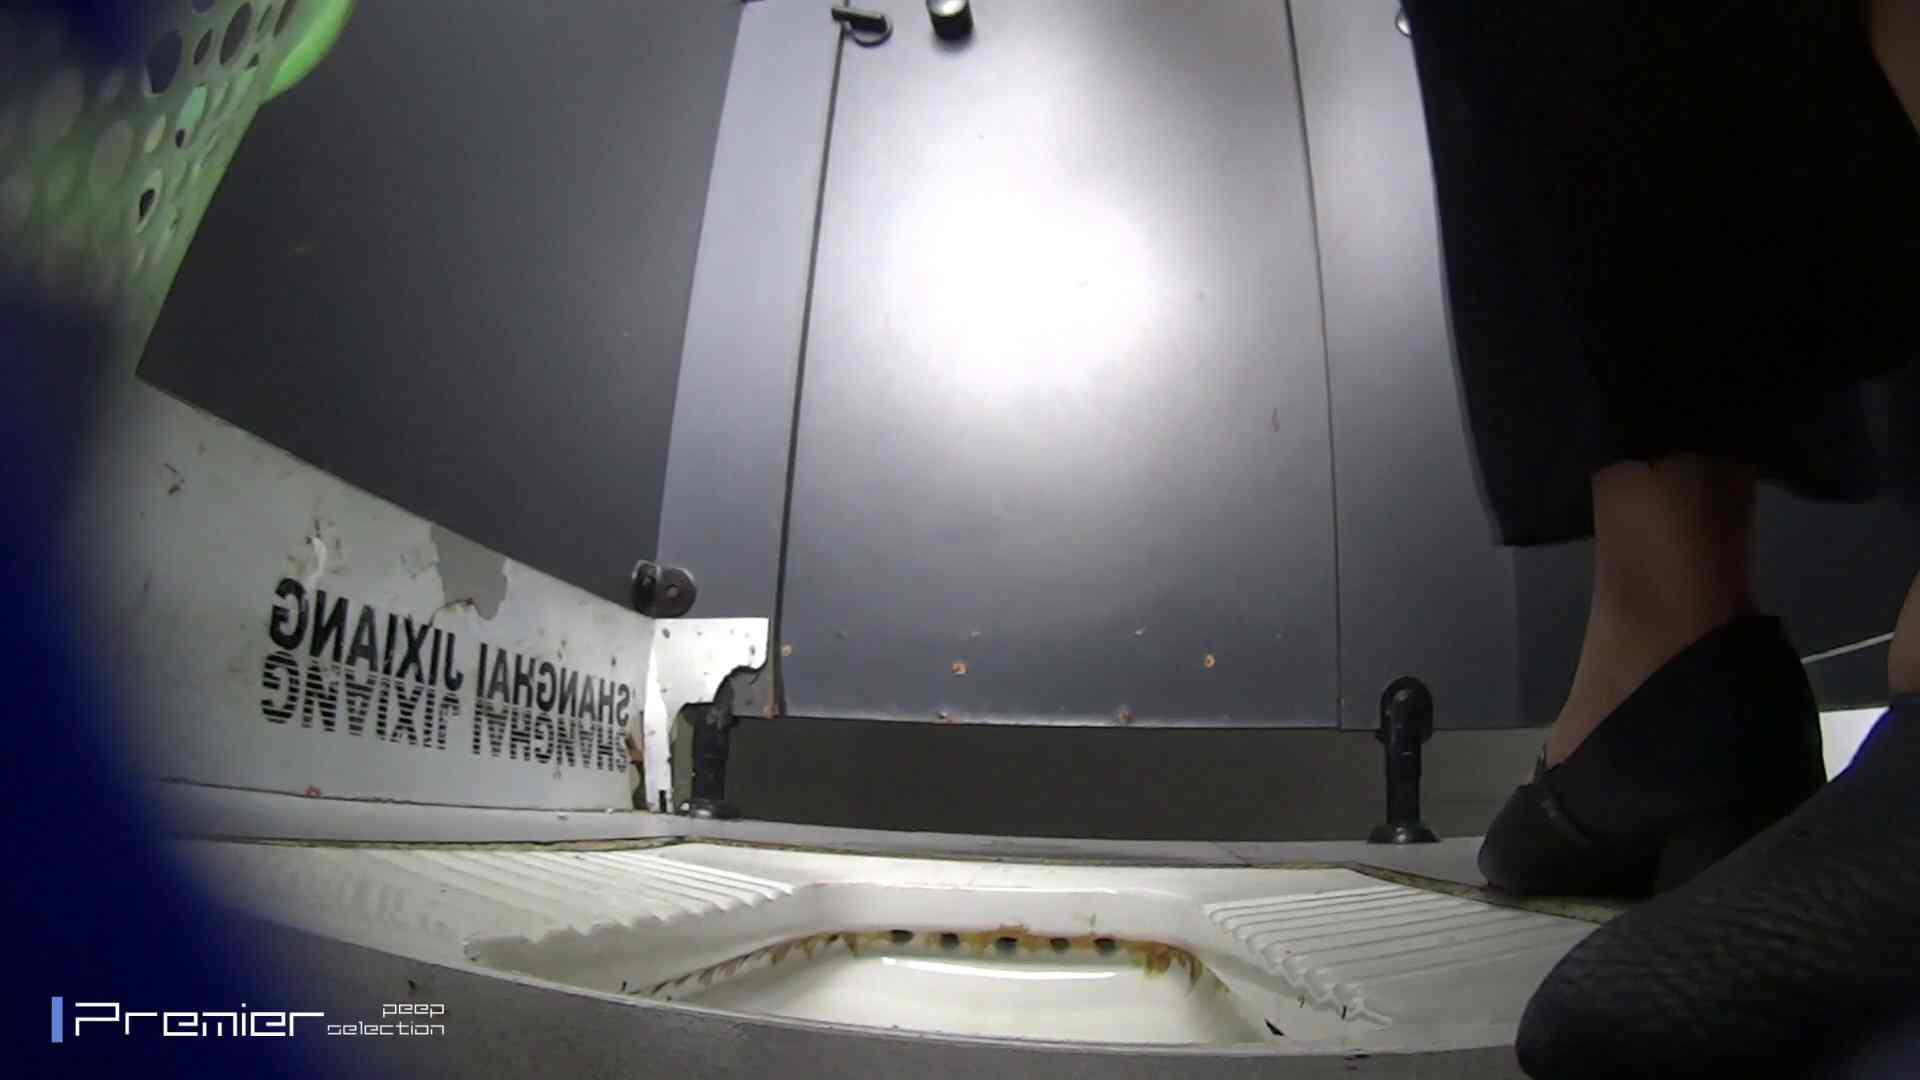 夏全開!ハーフパンツのギャル達 大学休憩時間の洗面所事情44 ギャル ヌード画像 60連発 11